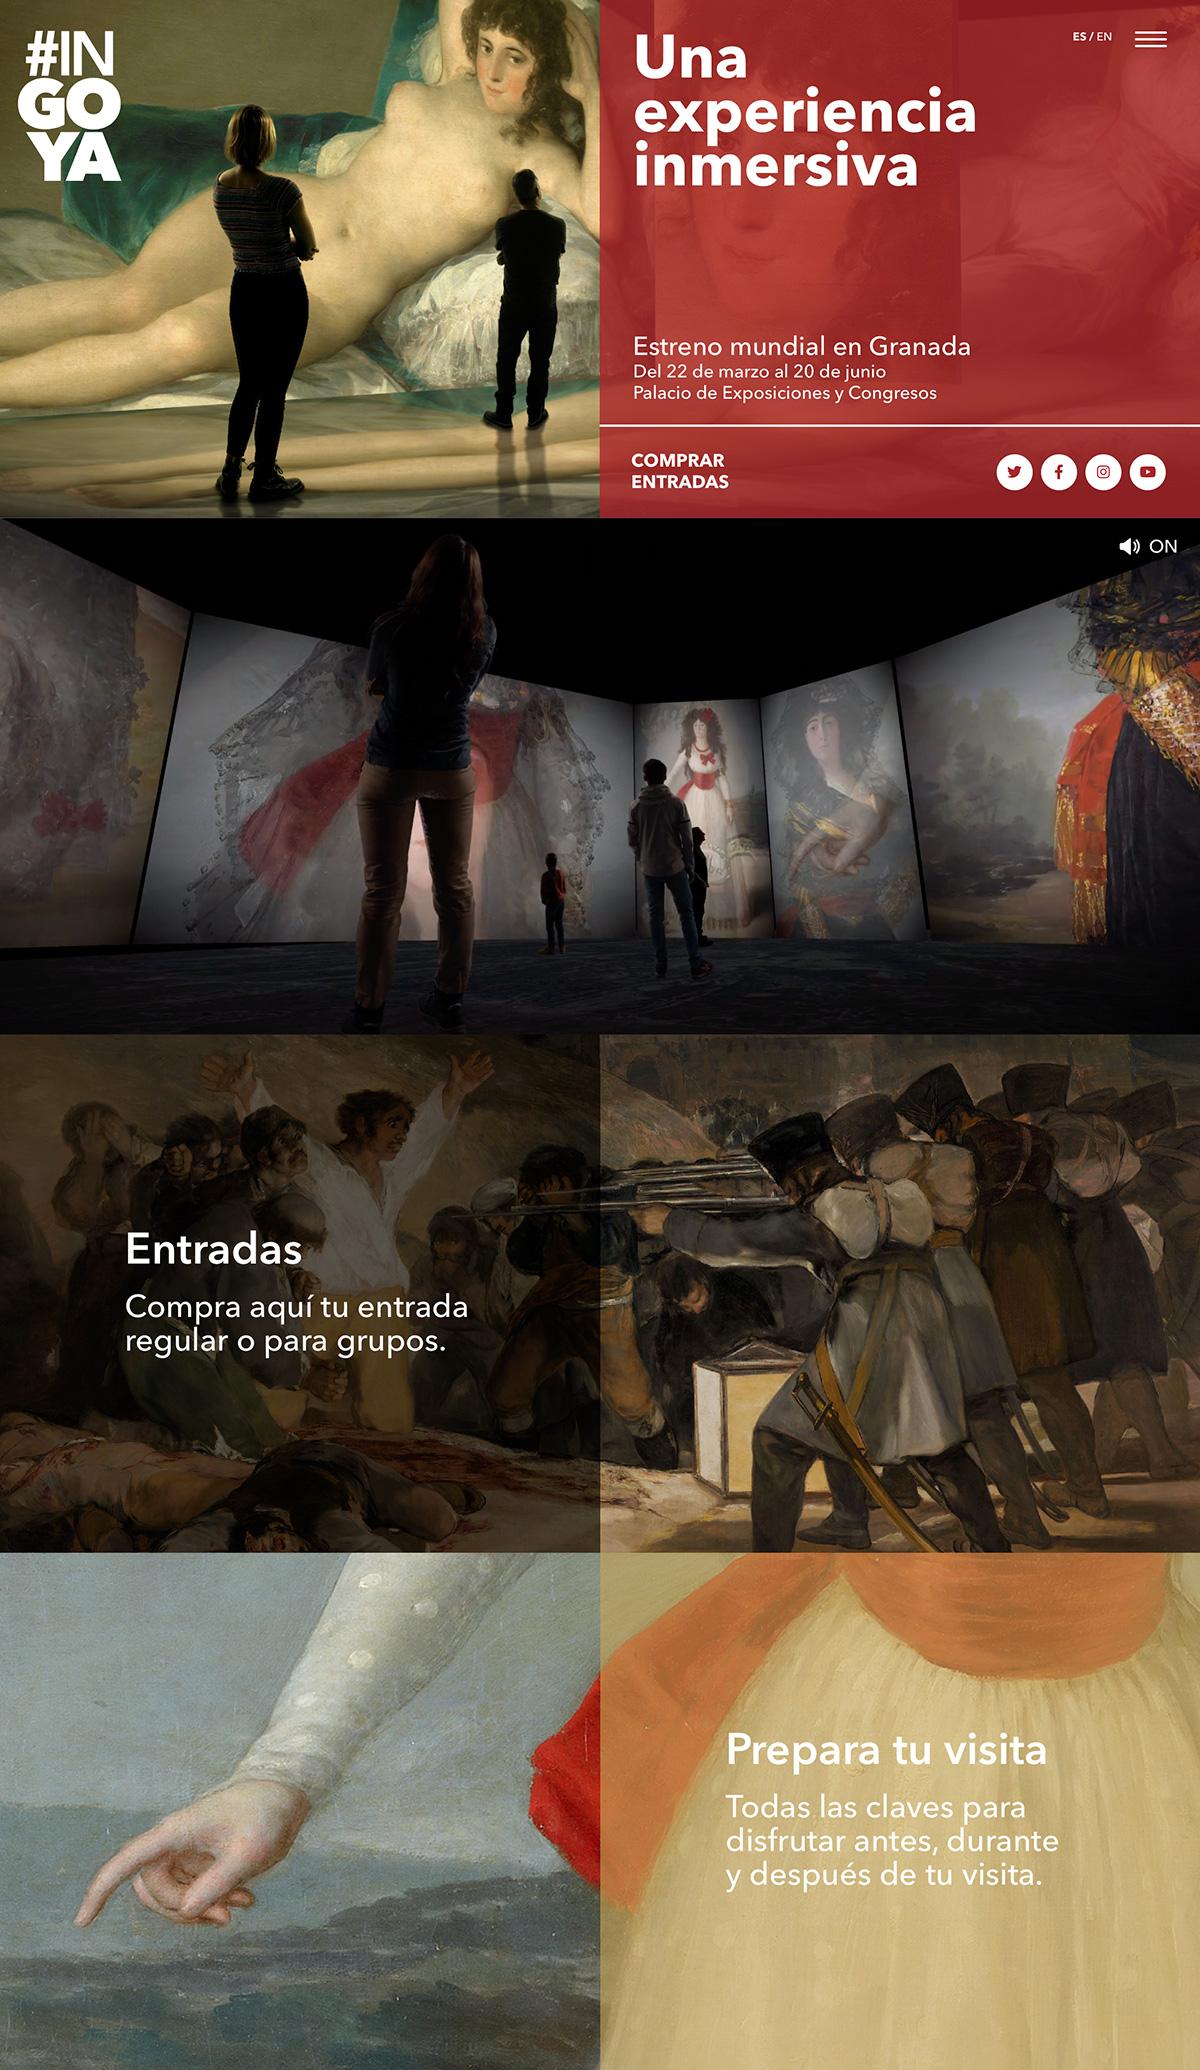 ingoya-web